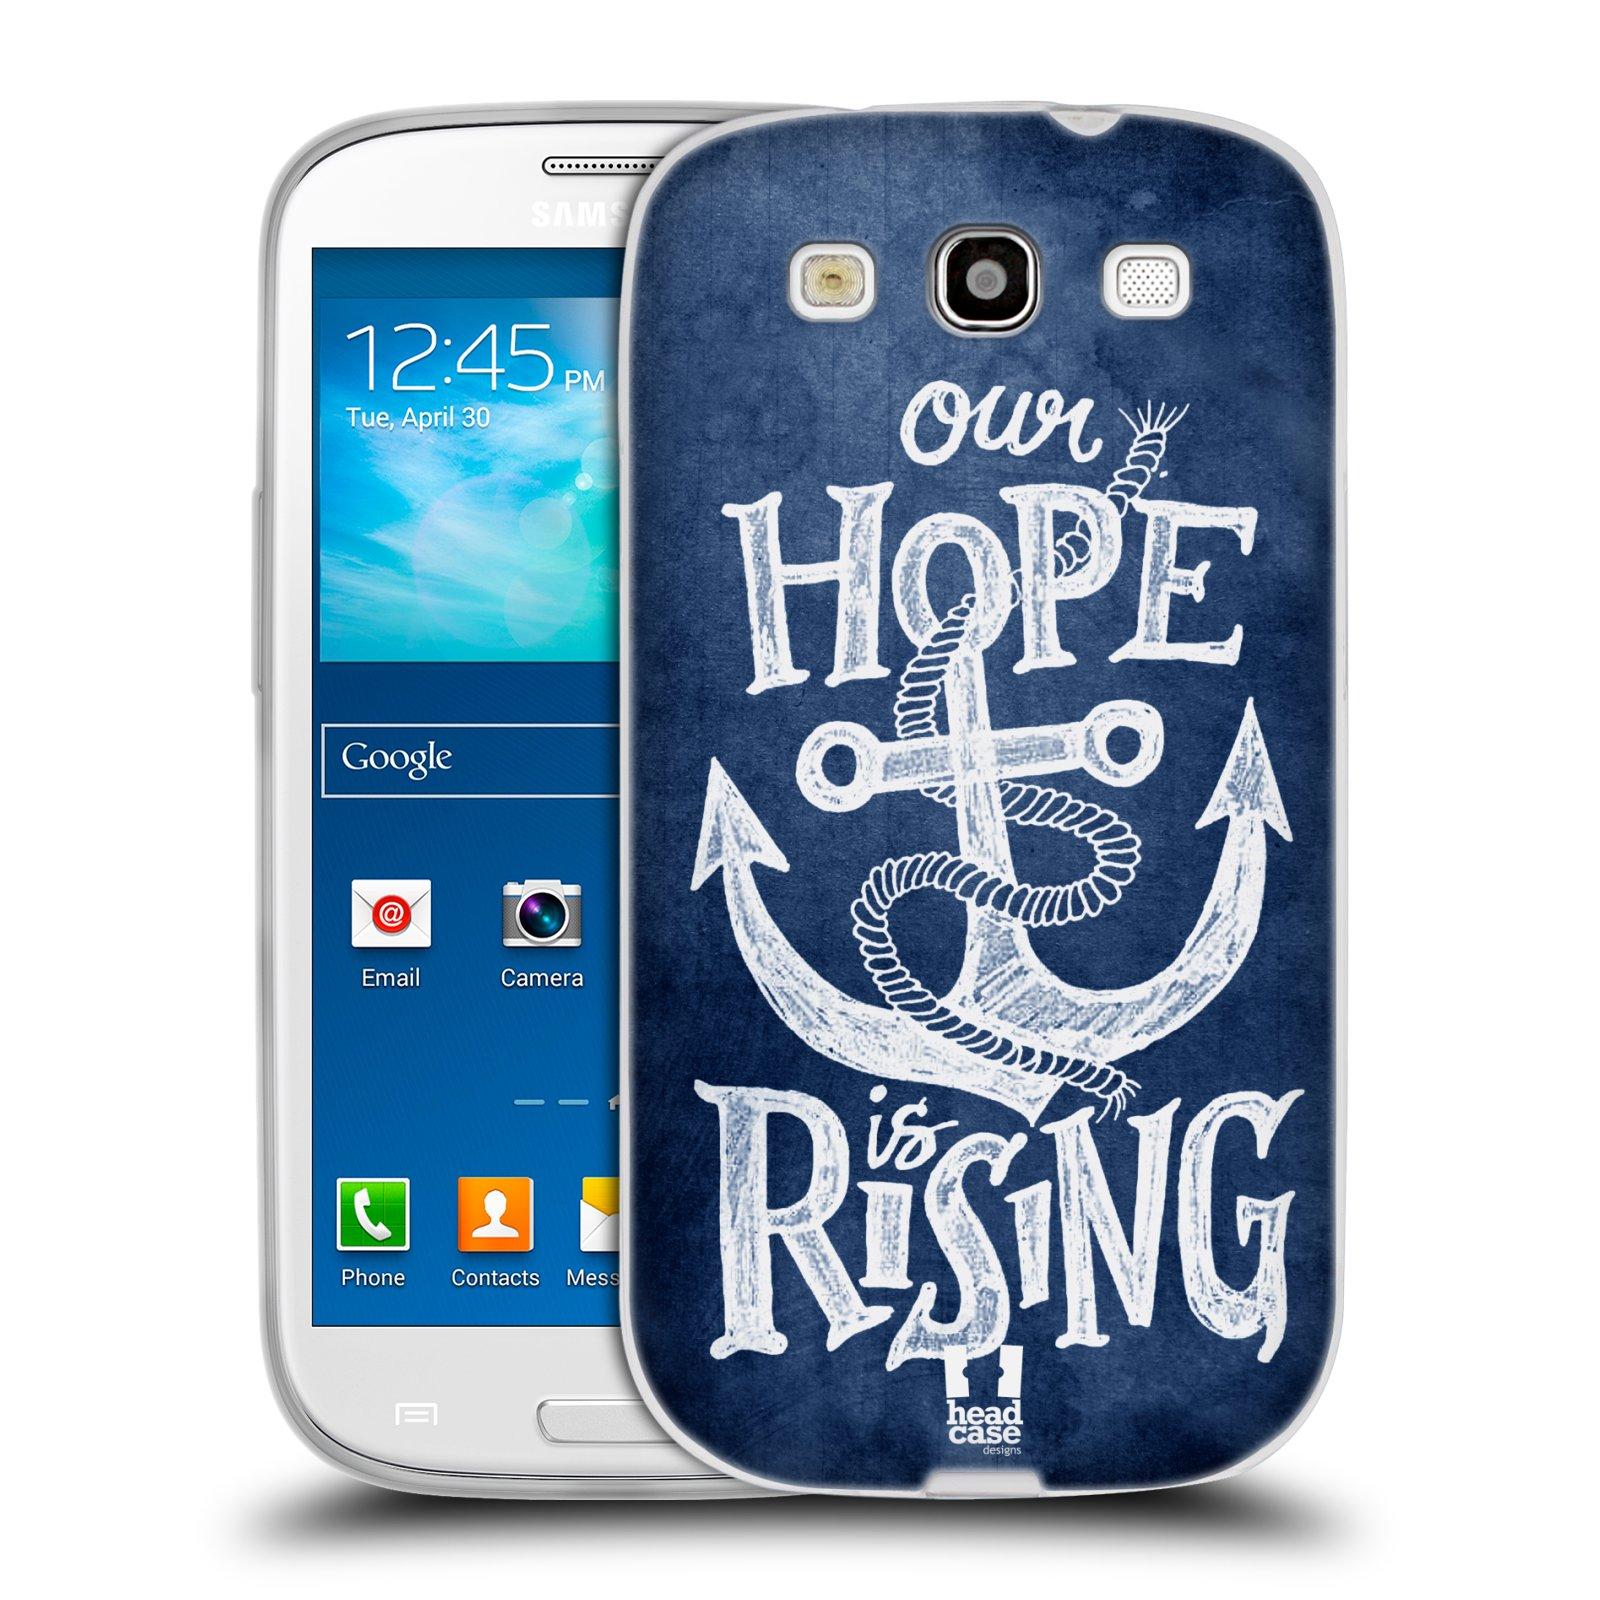 Silikonové pouzdro na mobil Samsung Galaxy S3 Neo HEAD CASE KOTVA RISING